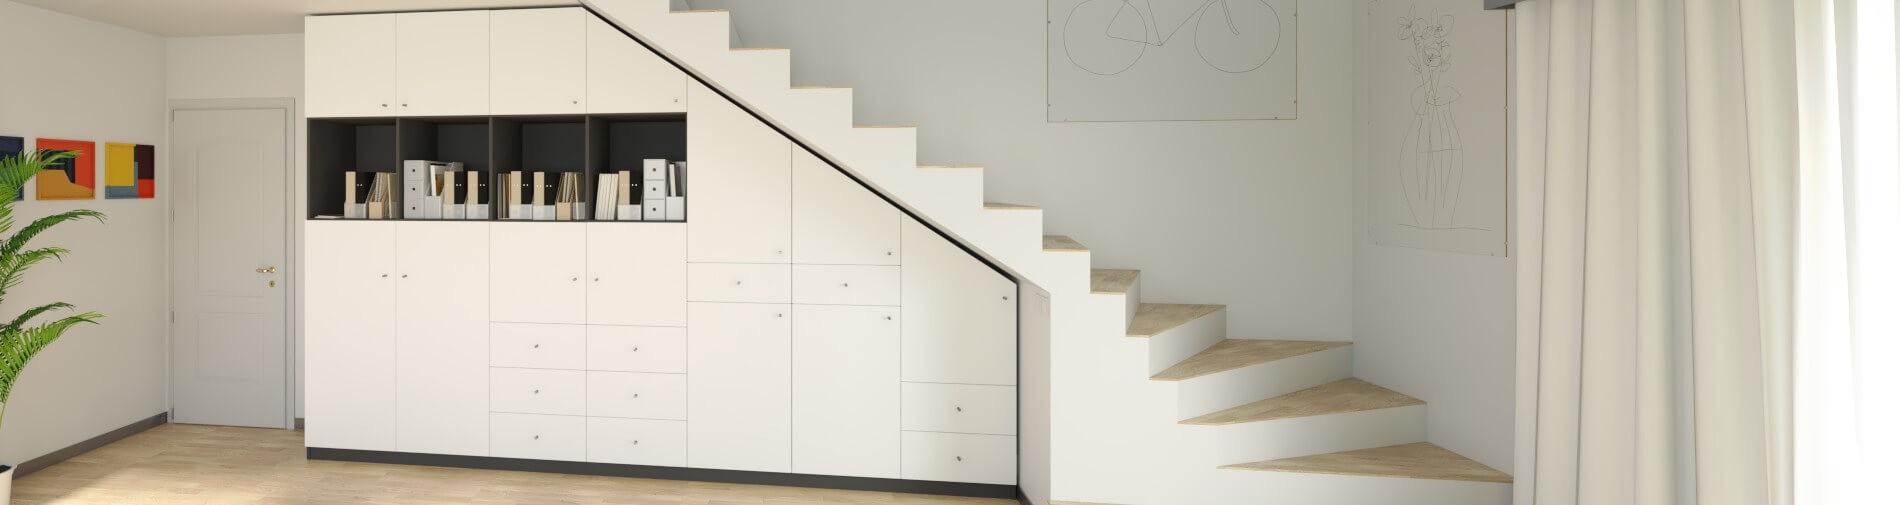 maßgefertigte möbel für unter die treppe jetzt online konfigurieren